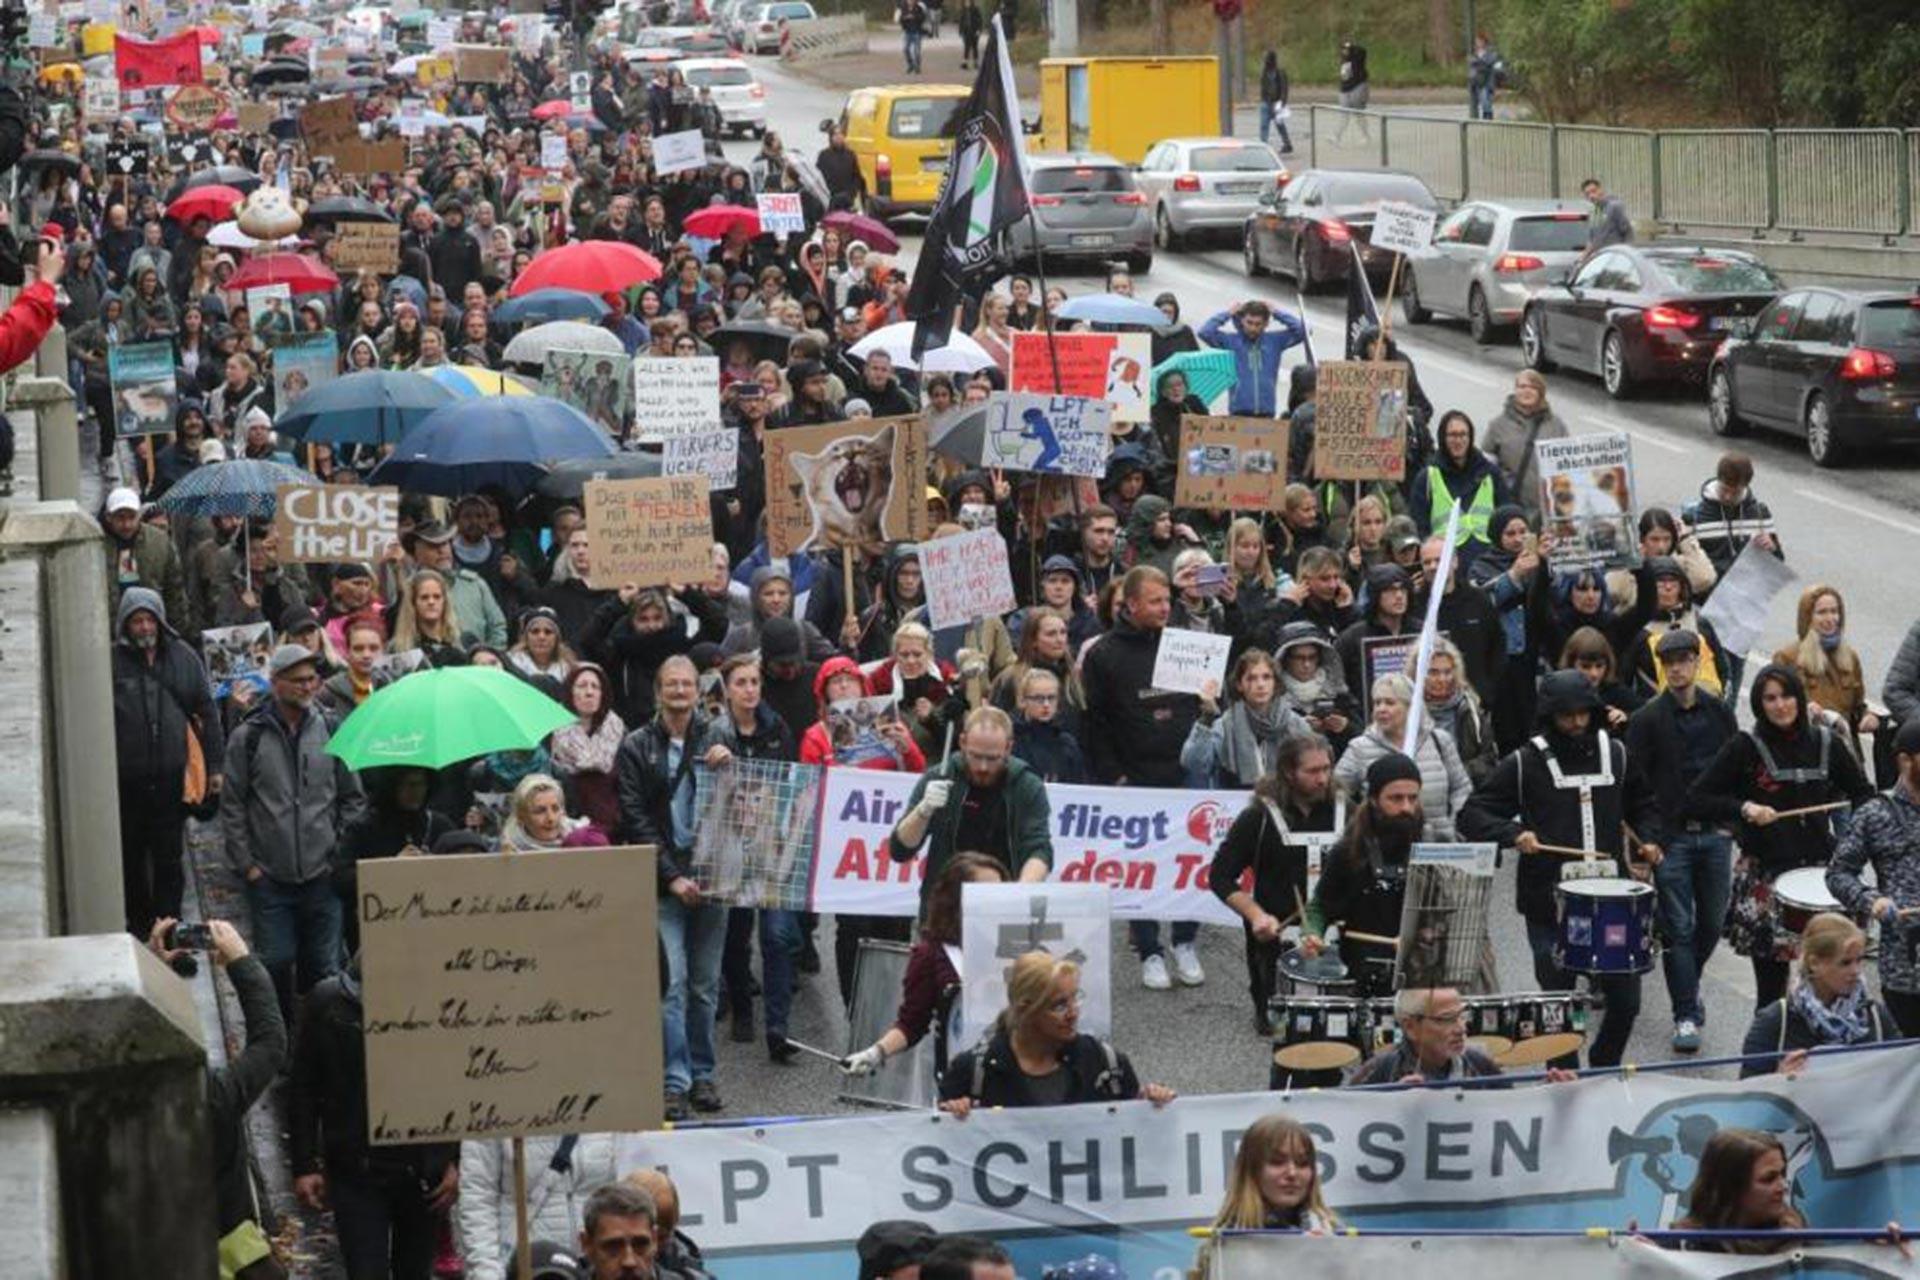 Hamburg'daki hayvan hakları mitingine katılanlar ellerinde taleplerinin yazılı olduğu dövizlerle yürürken